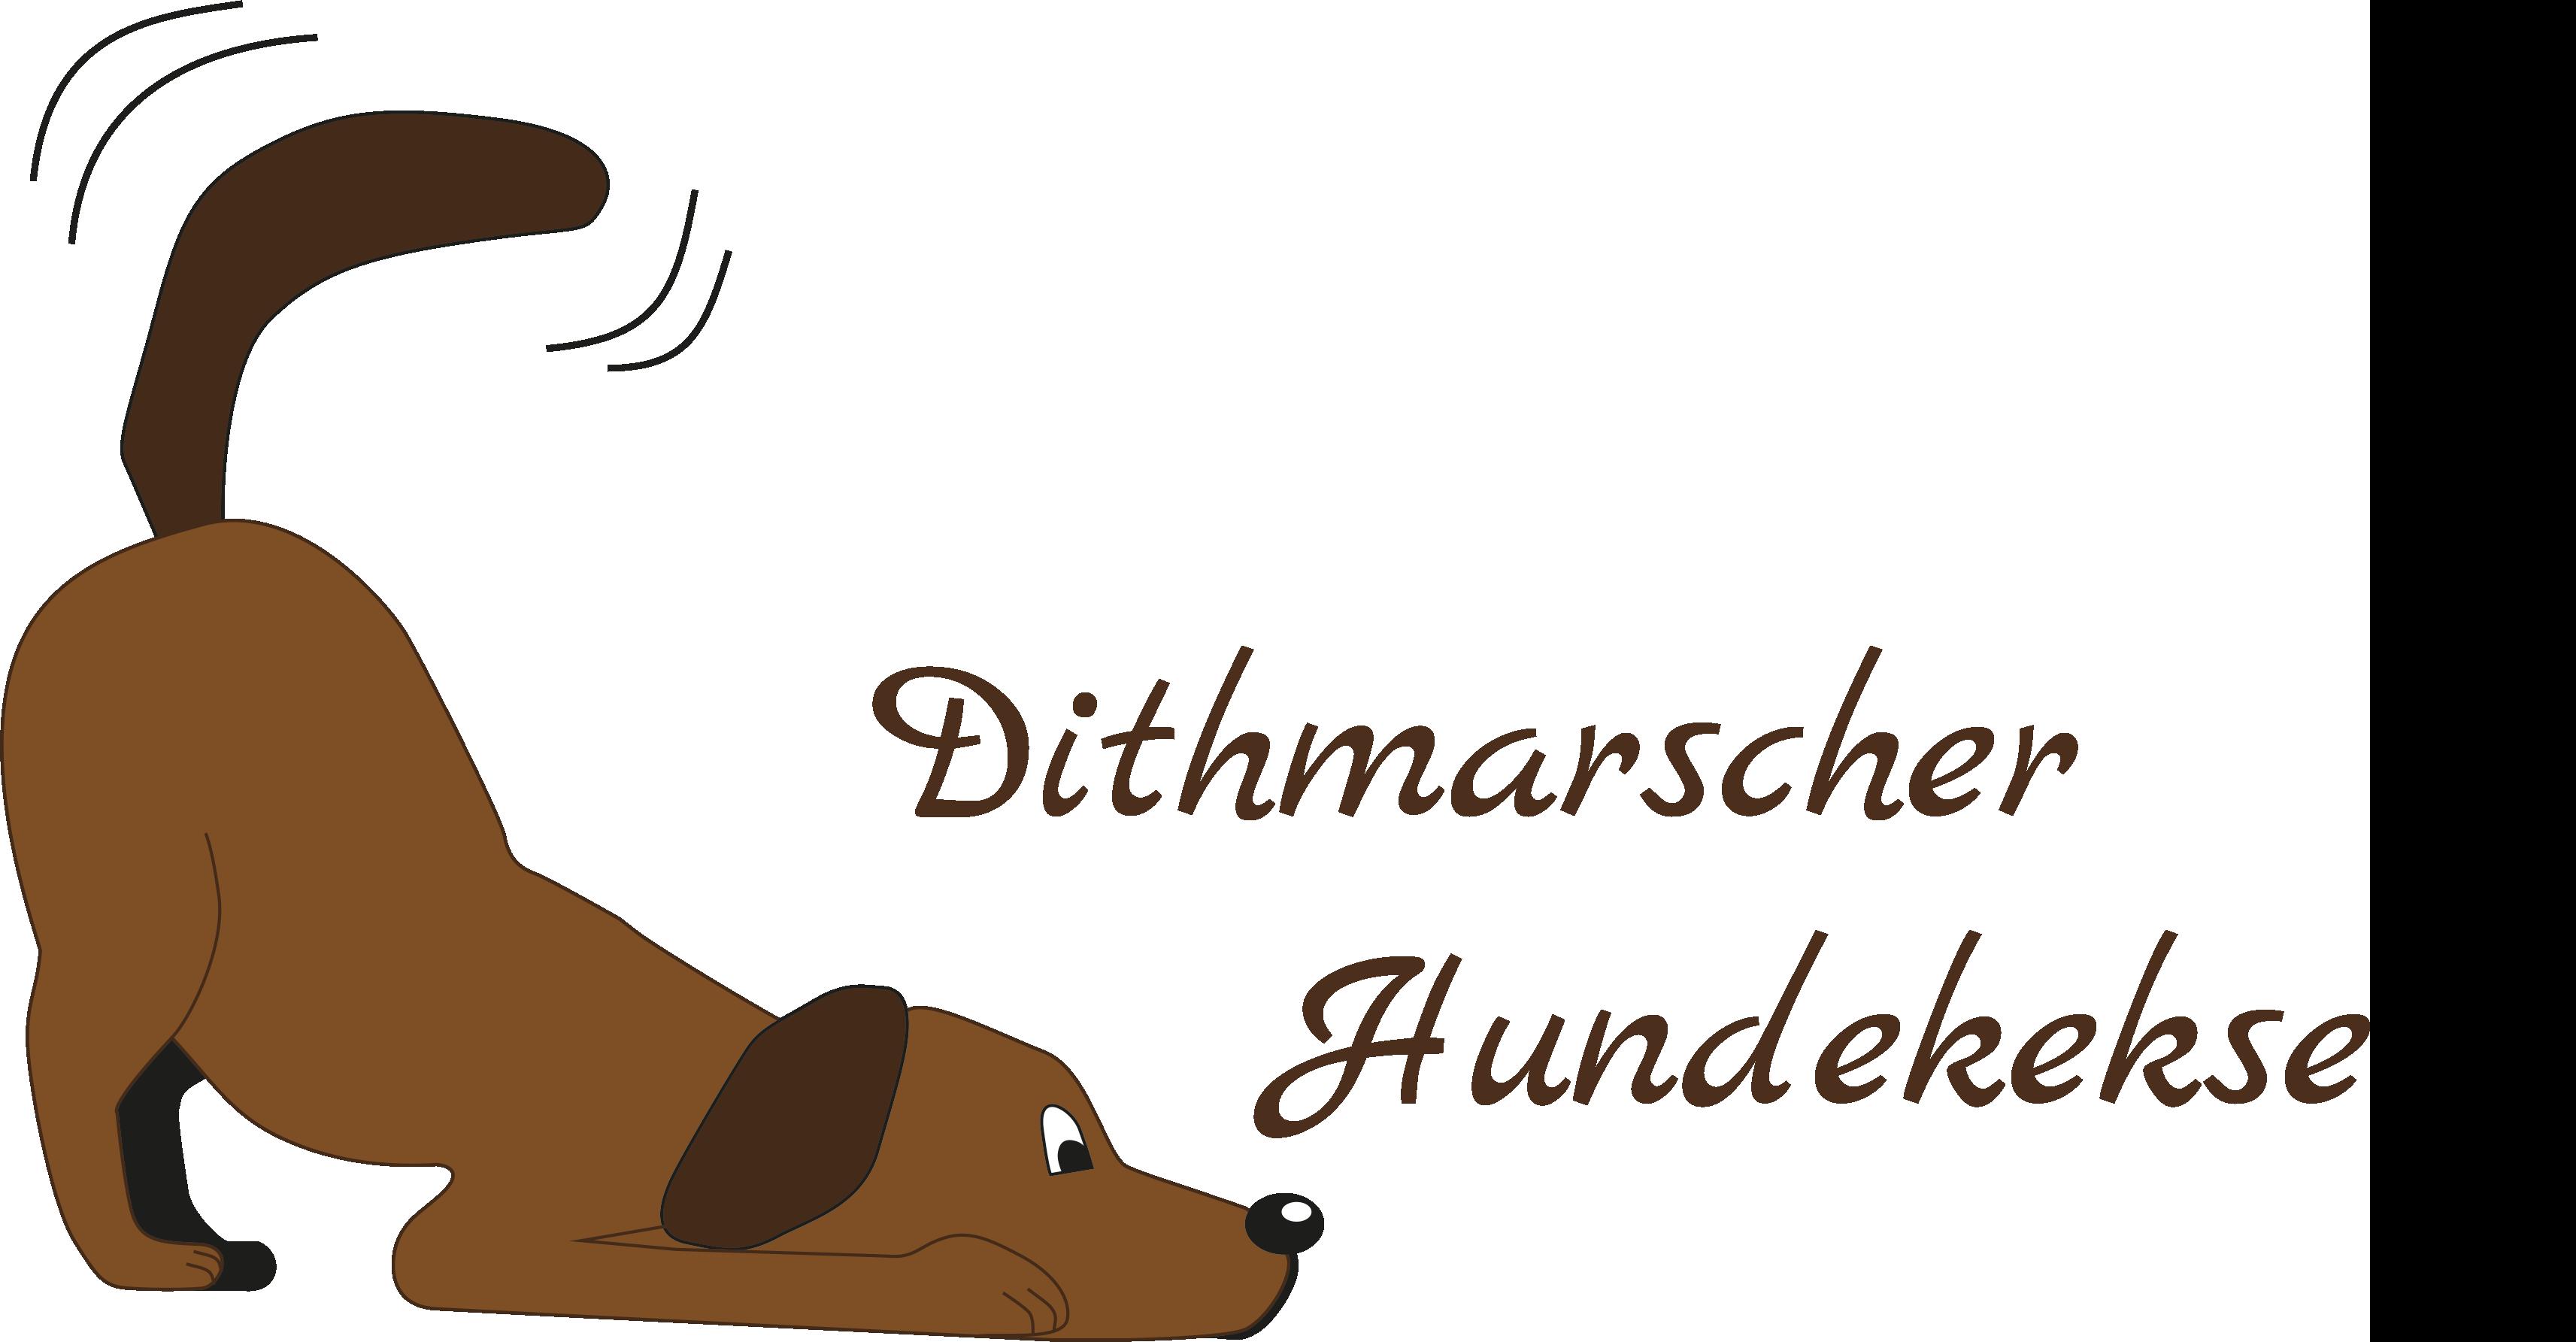 Dithmarscher Hundekekse